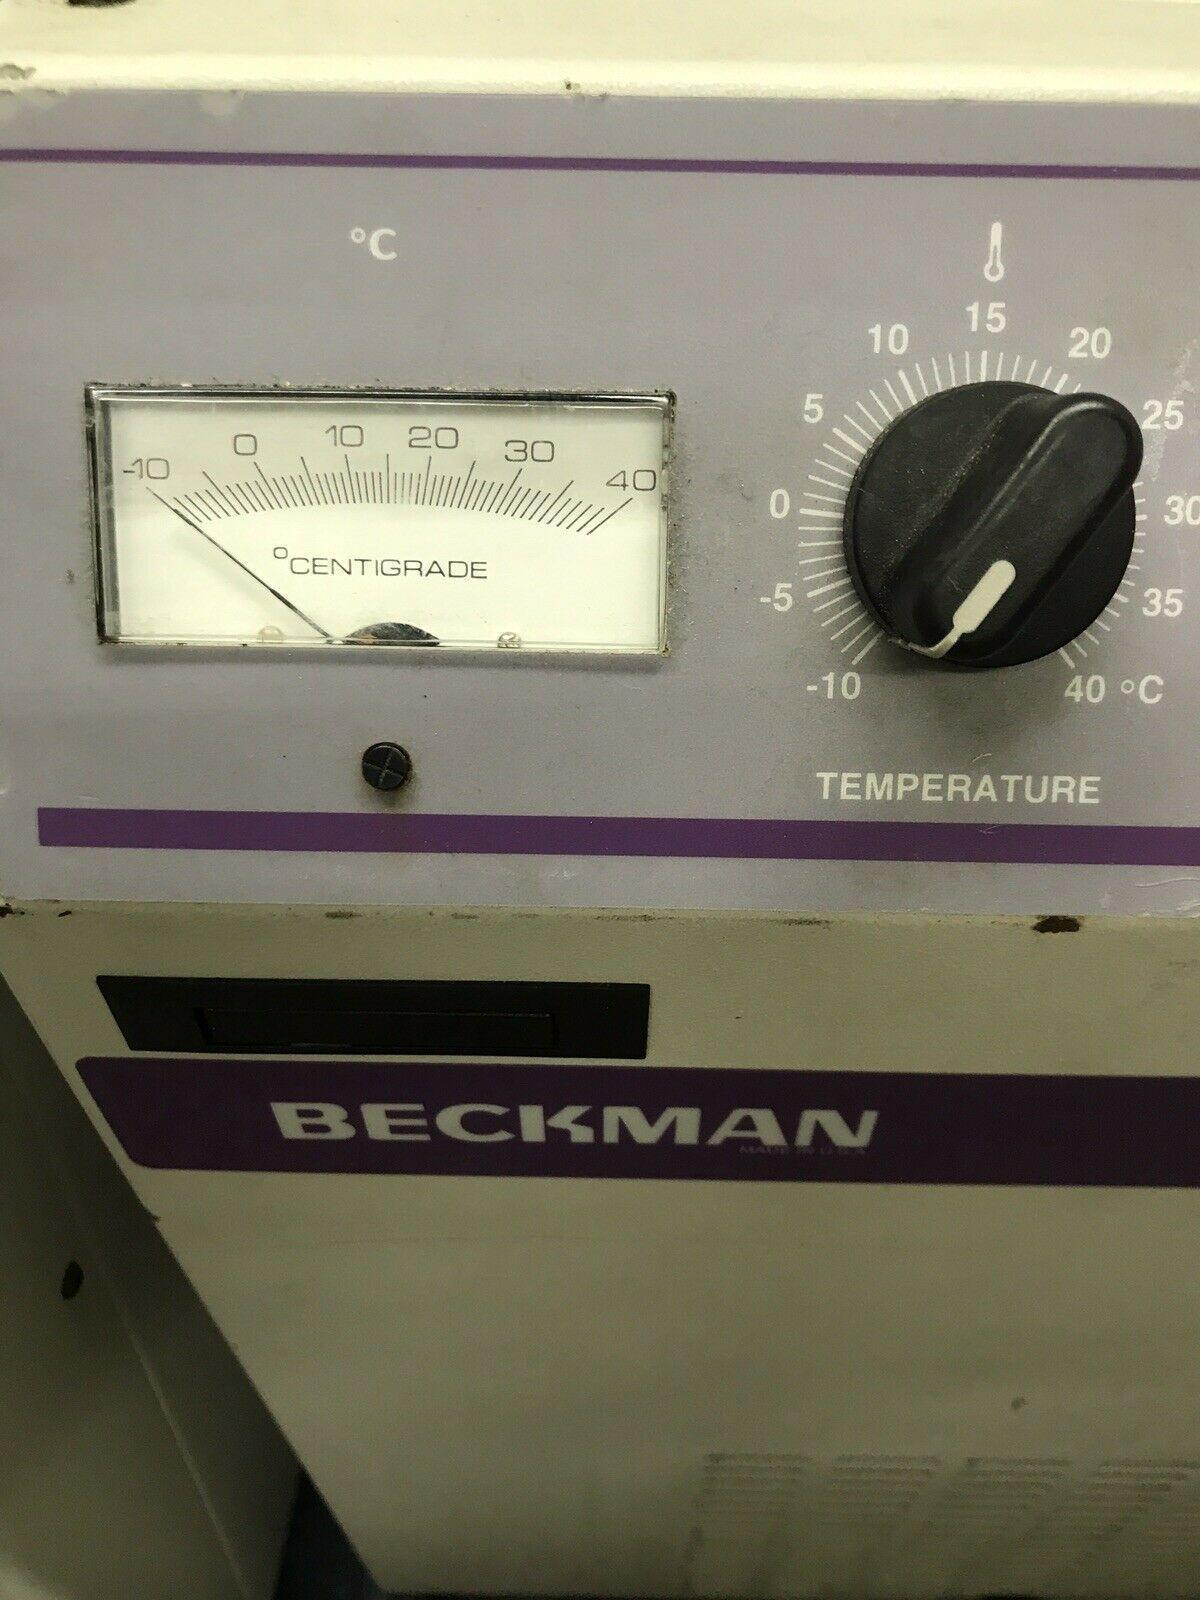 Beckman Allerga 6KR Centrifuge Tested Working (Refrigerated Model)